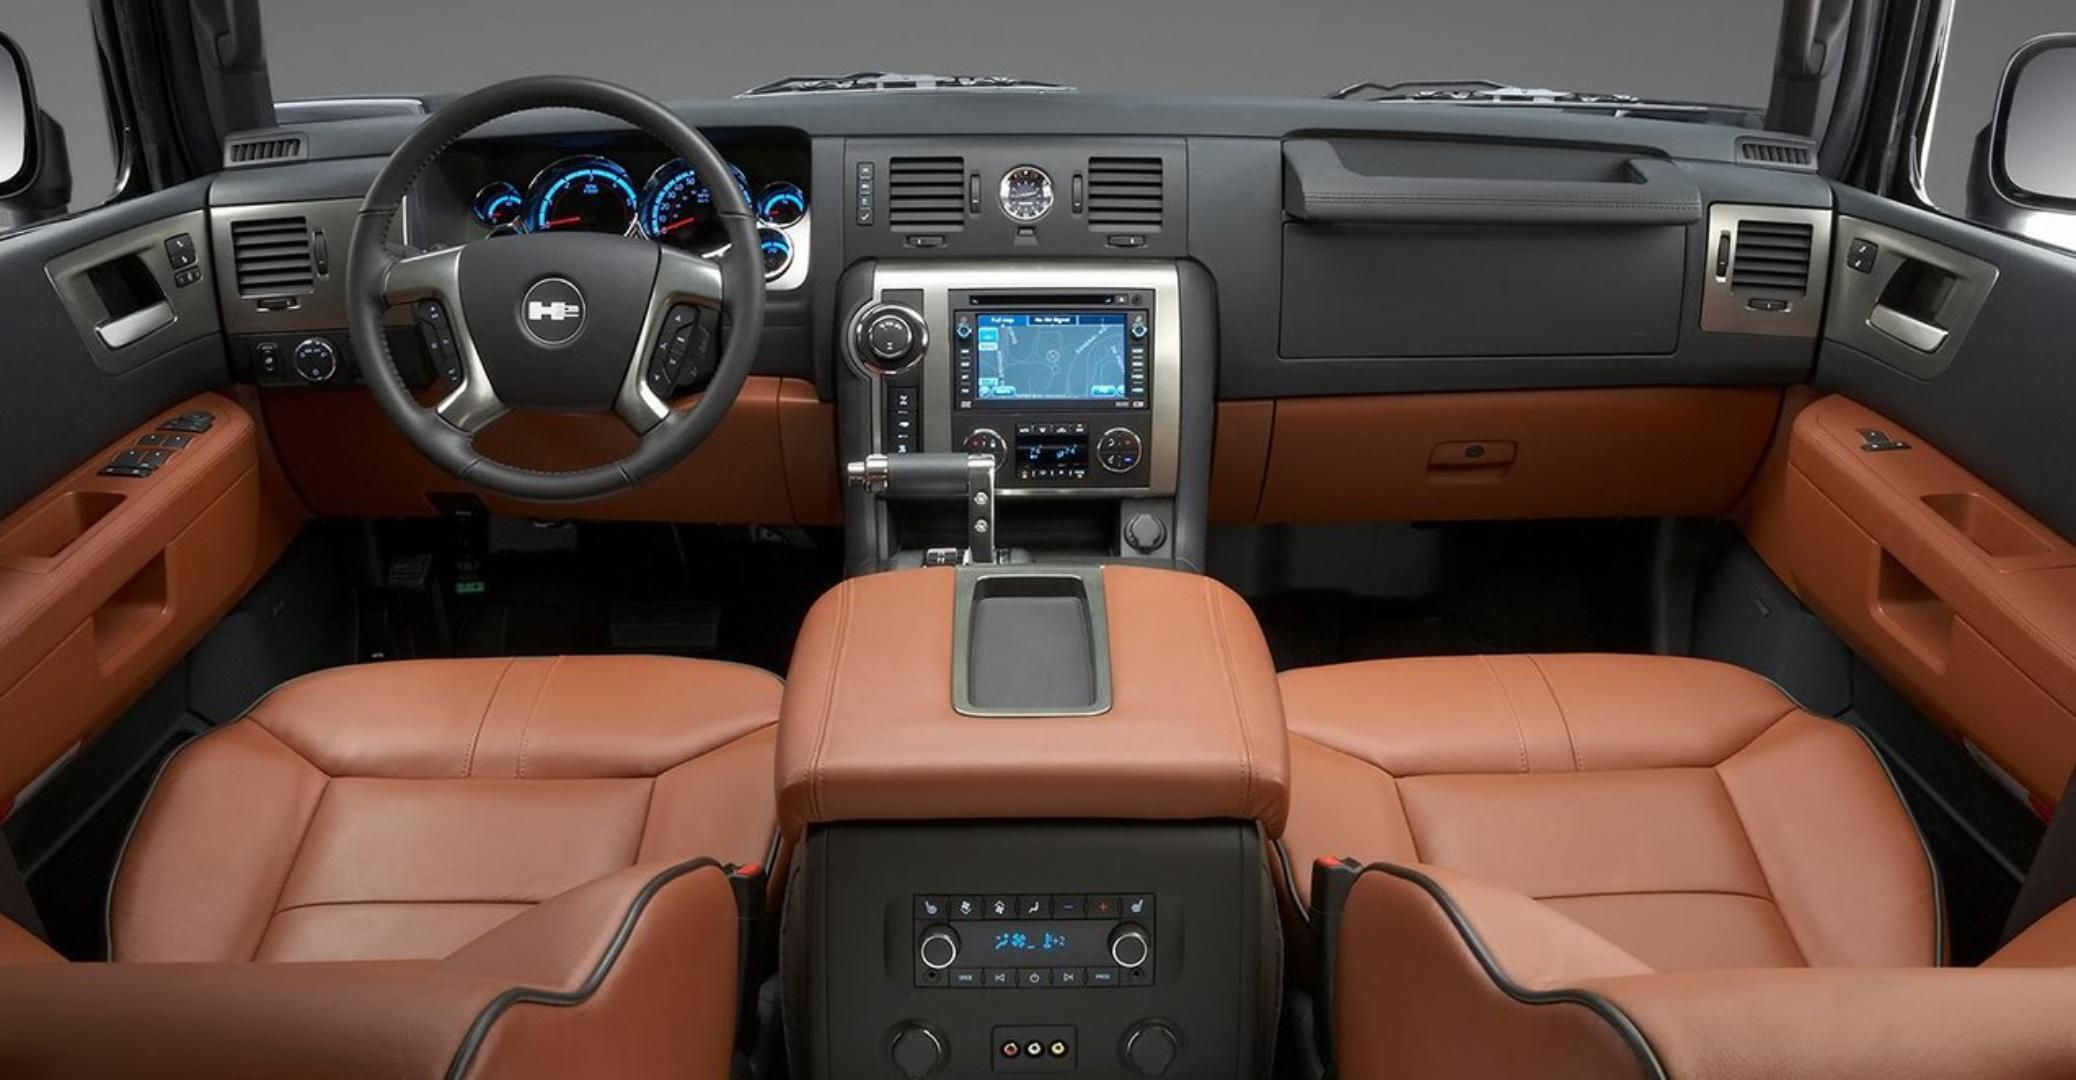 2014-2015 Hummer H2 Interior Dashboard | Jeep | Pinterest